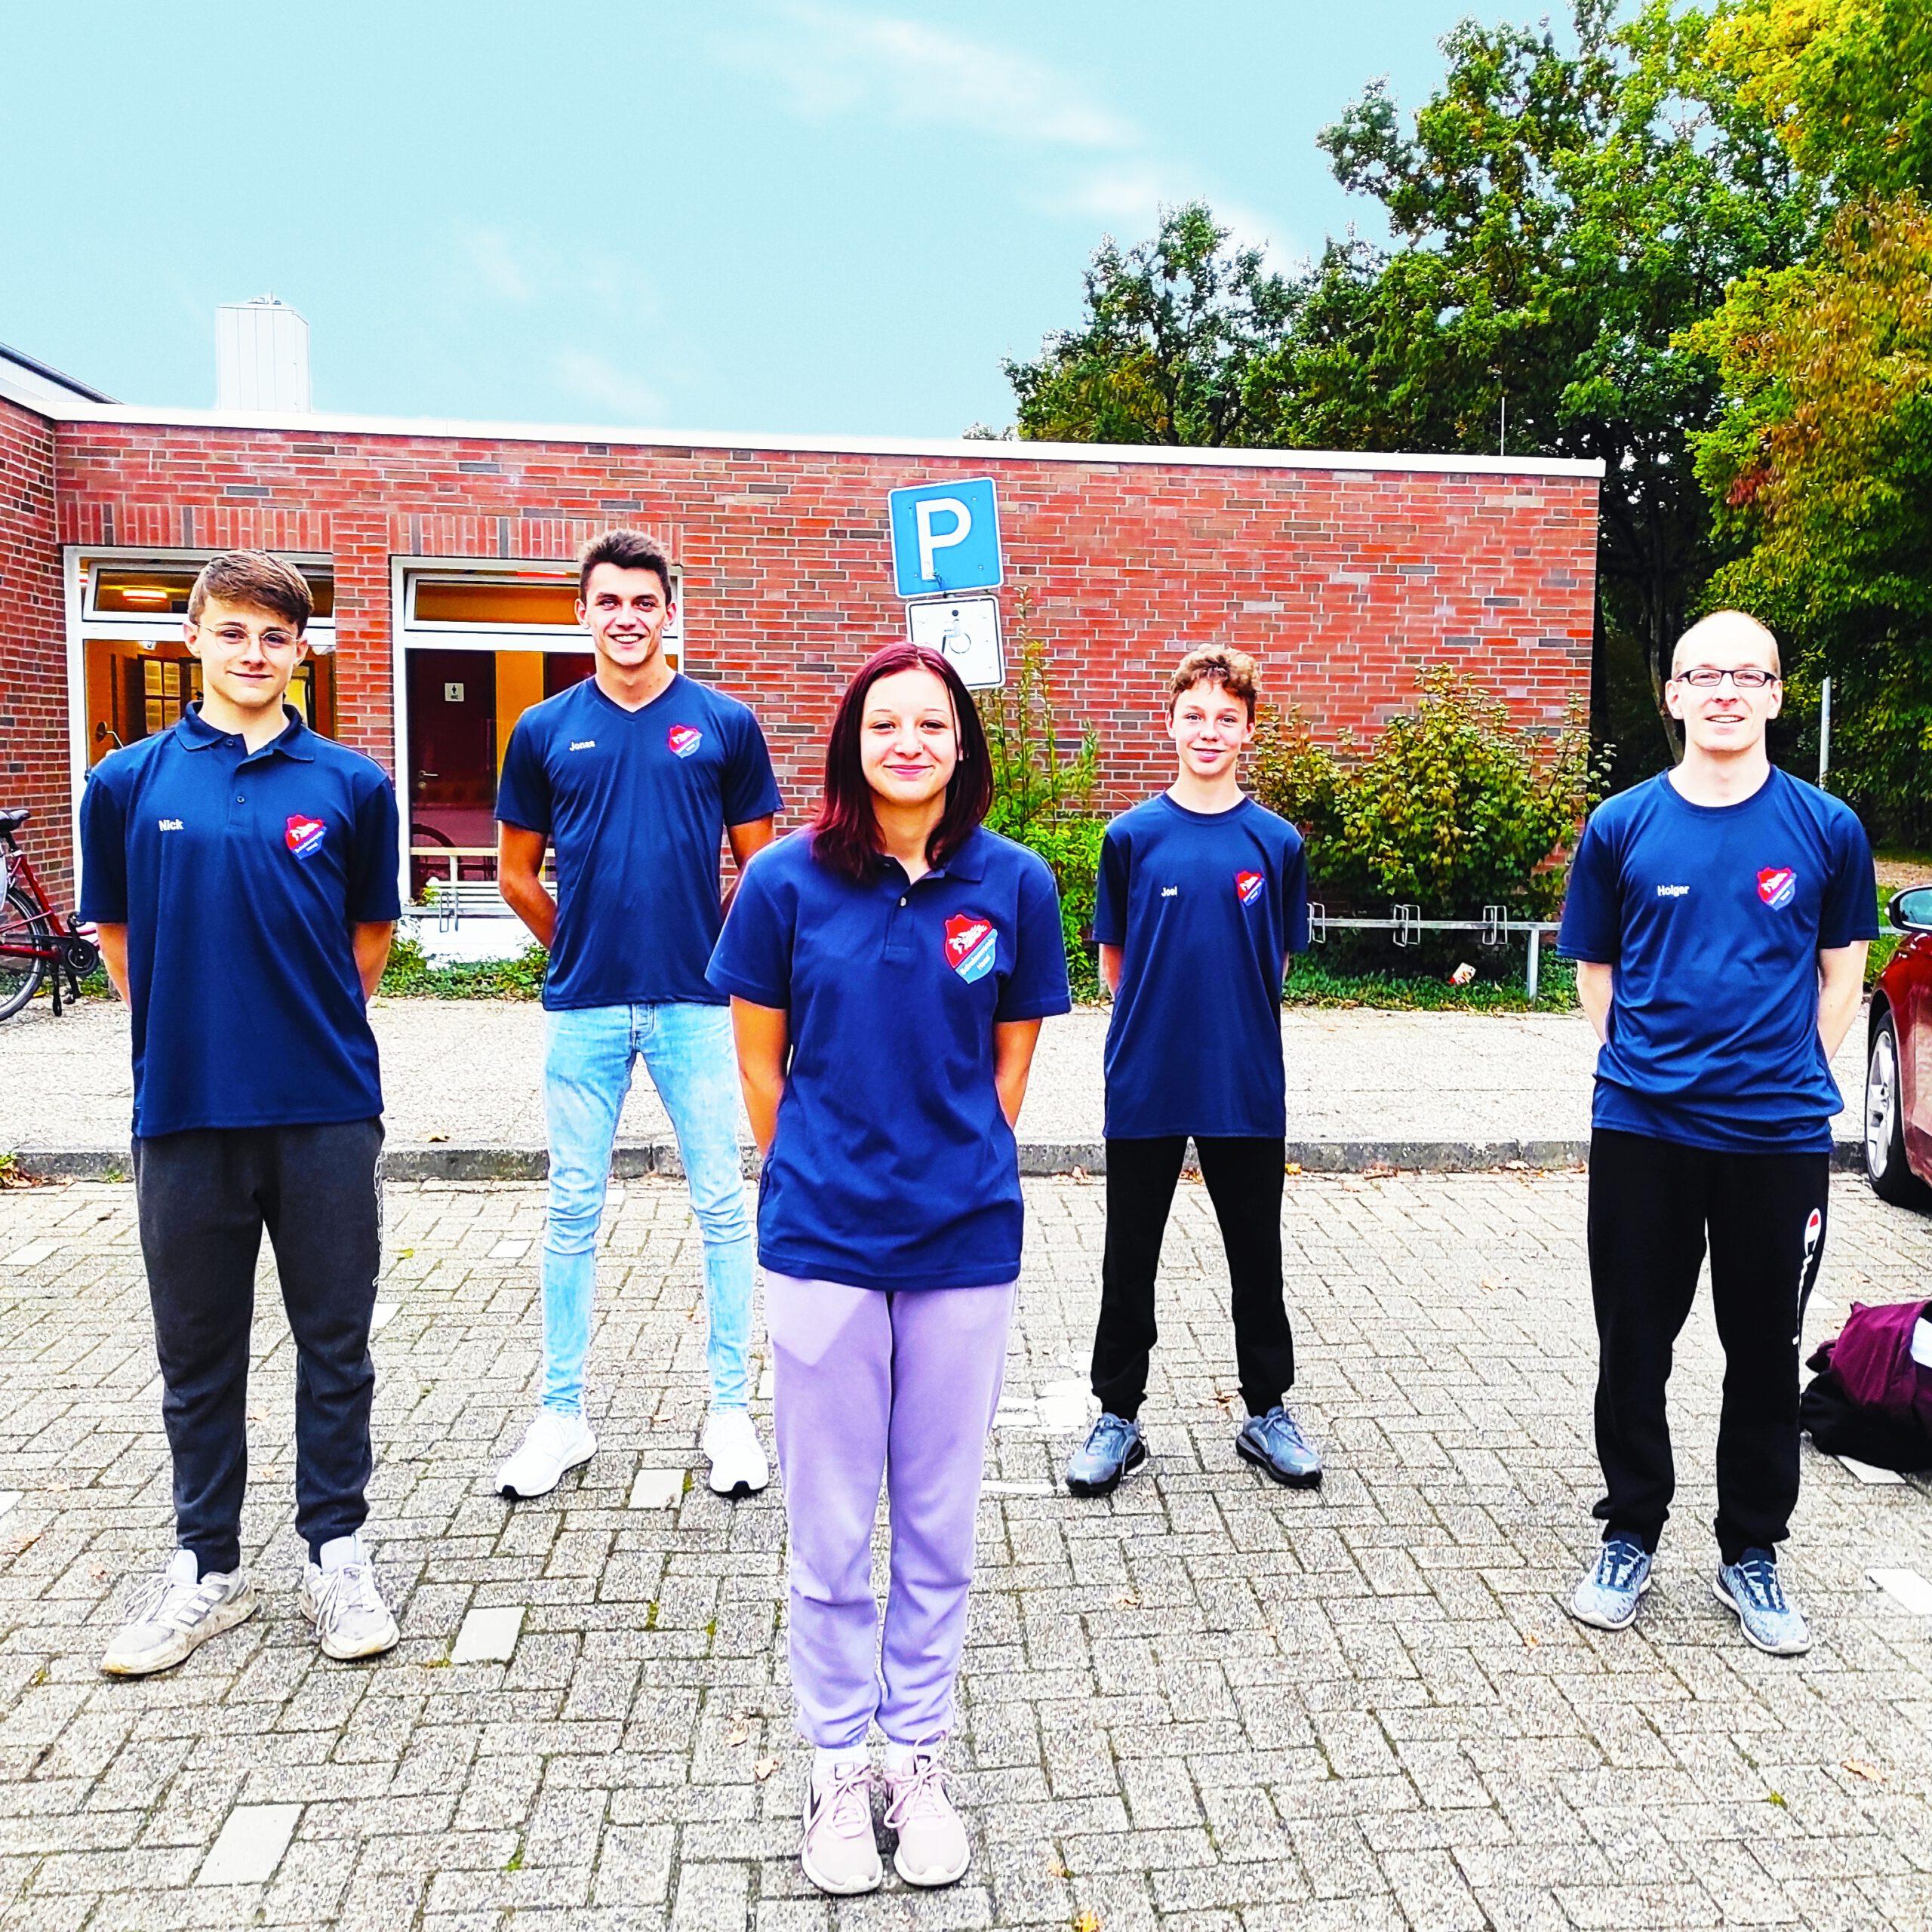 SV Hesel Schwimmer holten wieder zahlreiche Medaillien bei den Bezirksmeisterschaften am 10/11.10.2020 in Osnabrück unter Coronabedingungen